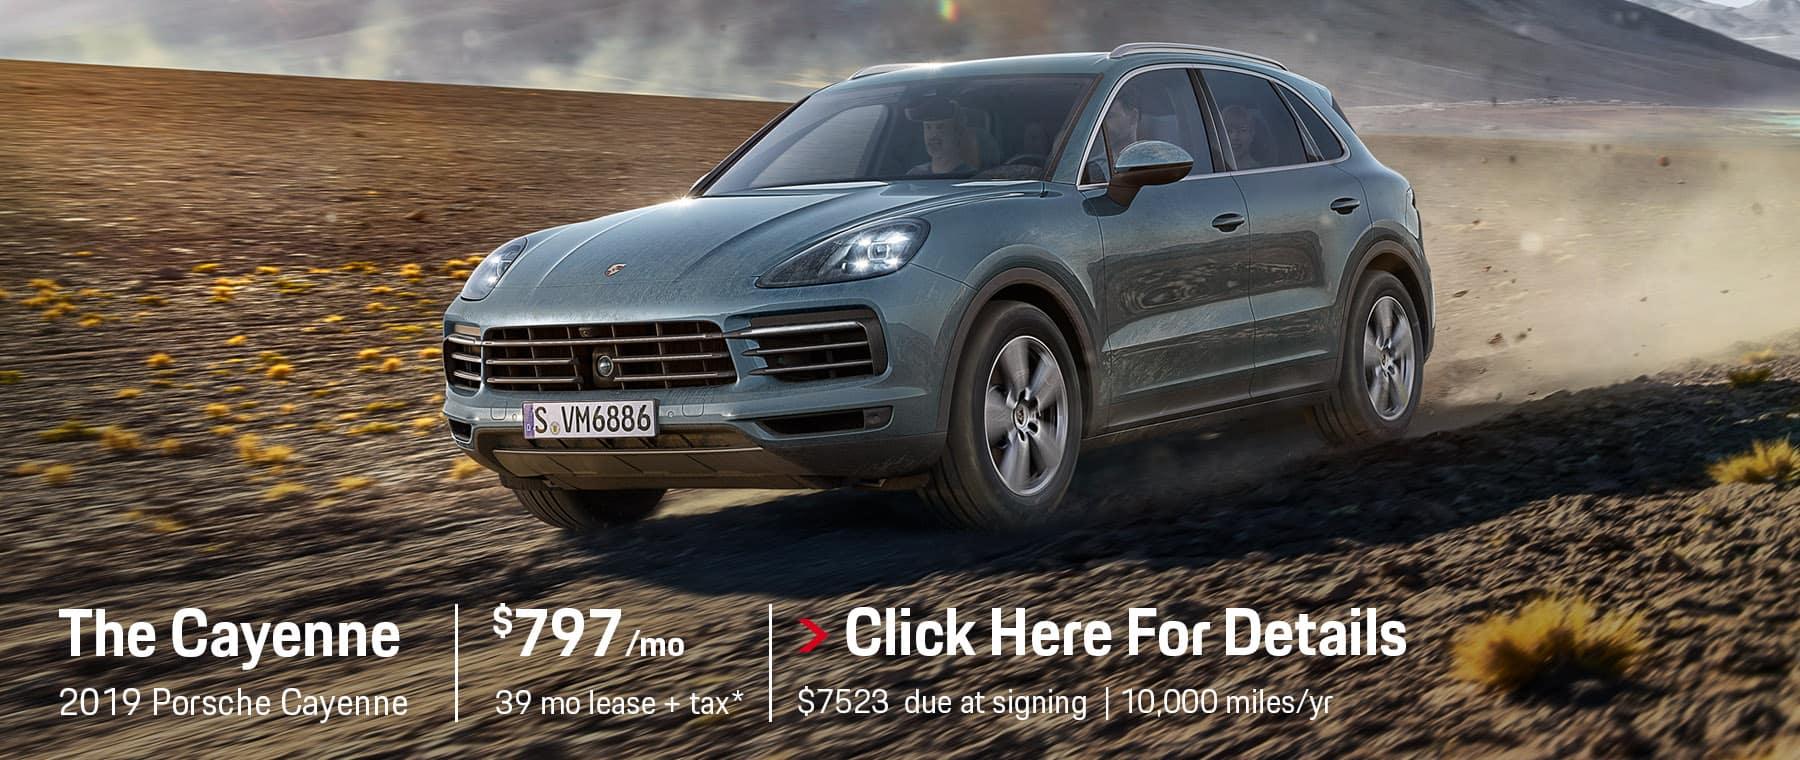 Porsche Dealership Denver Co Lakewood Golden